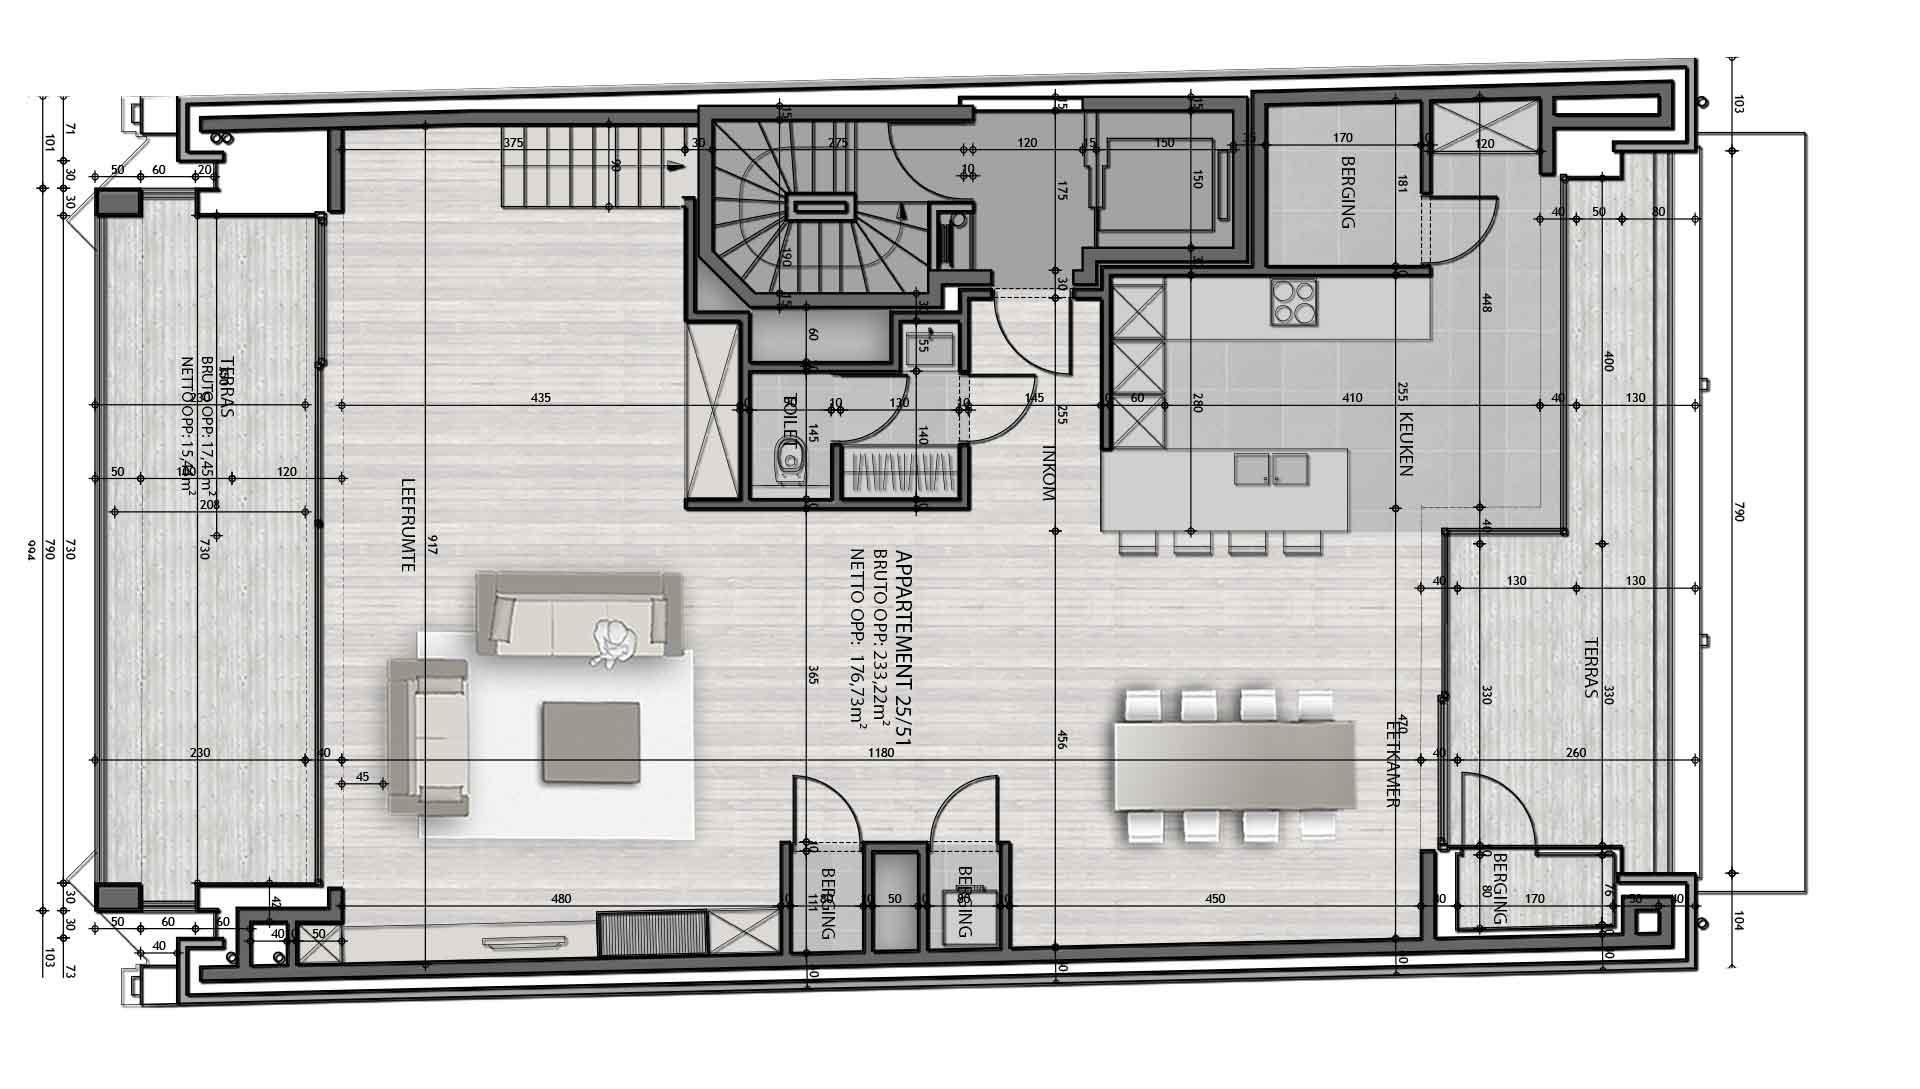 Residentie <br/> Berlage - image appartement-te-koop-knokke-residentie-berlage-511 on https://hoprom.be